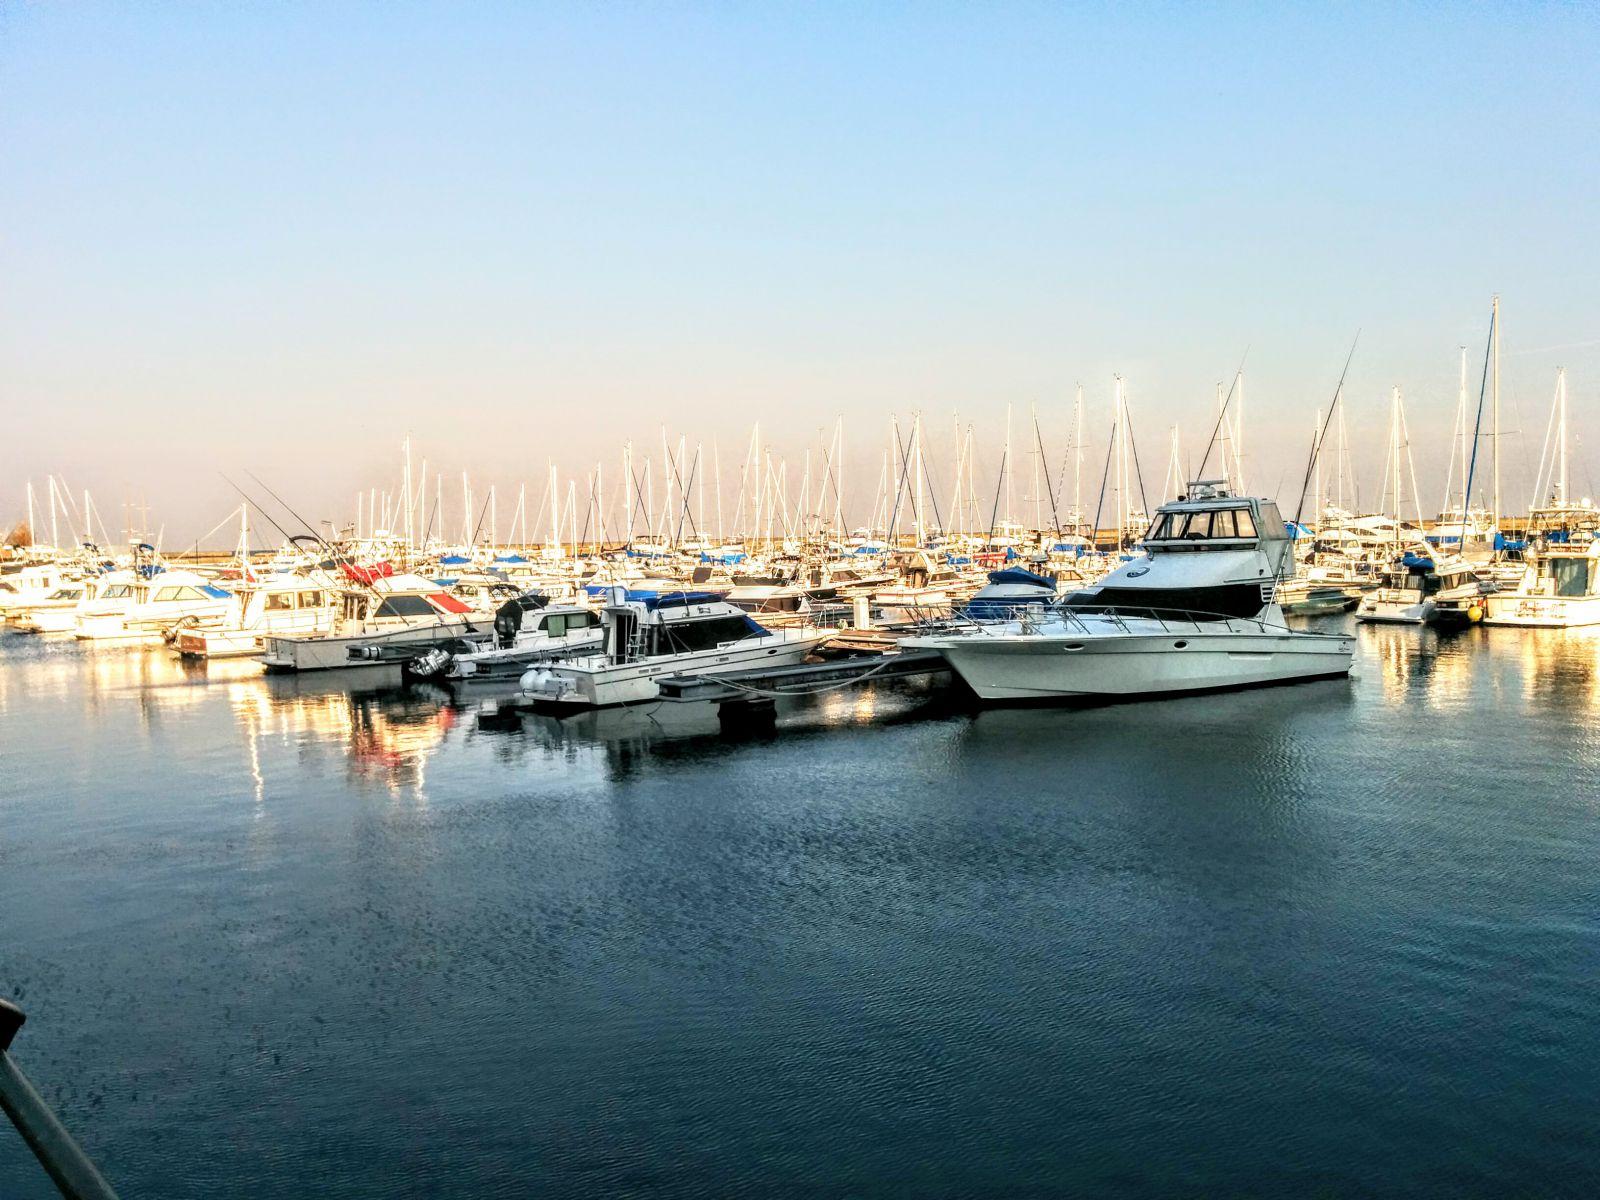 【小樽市】小樽港マリーナ観光案内です。